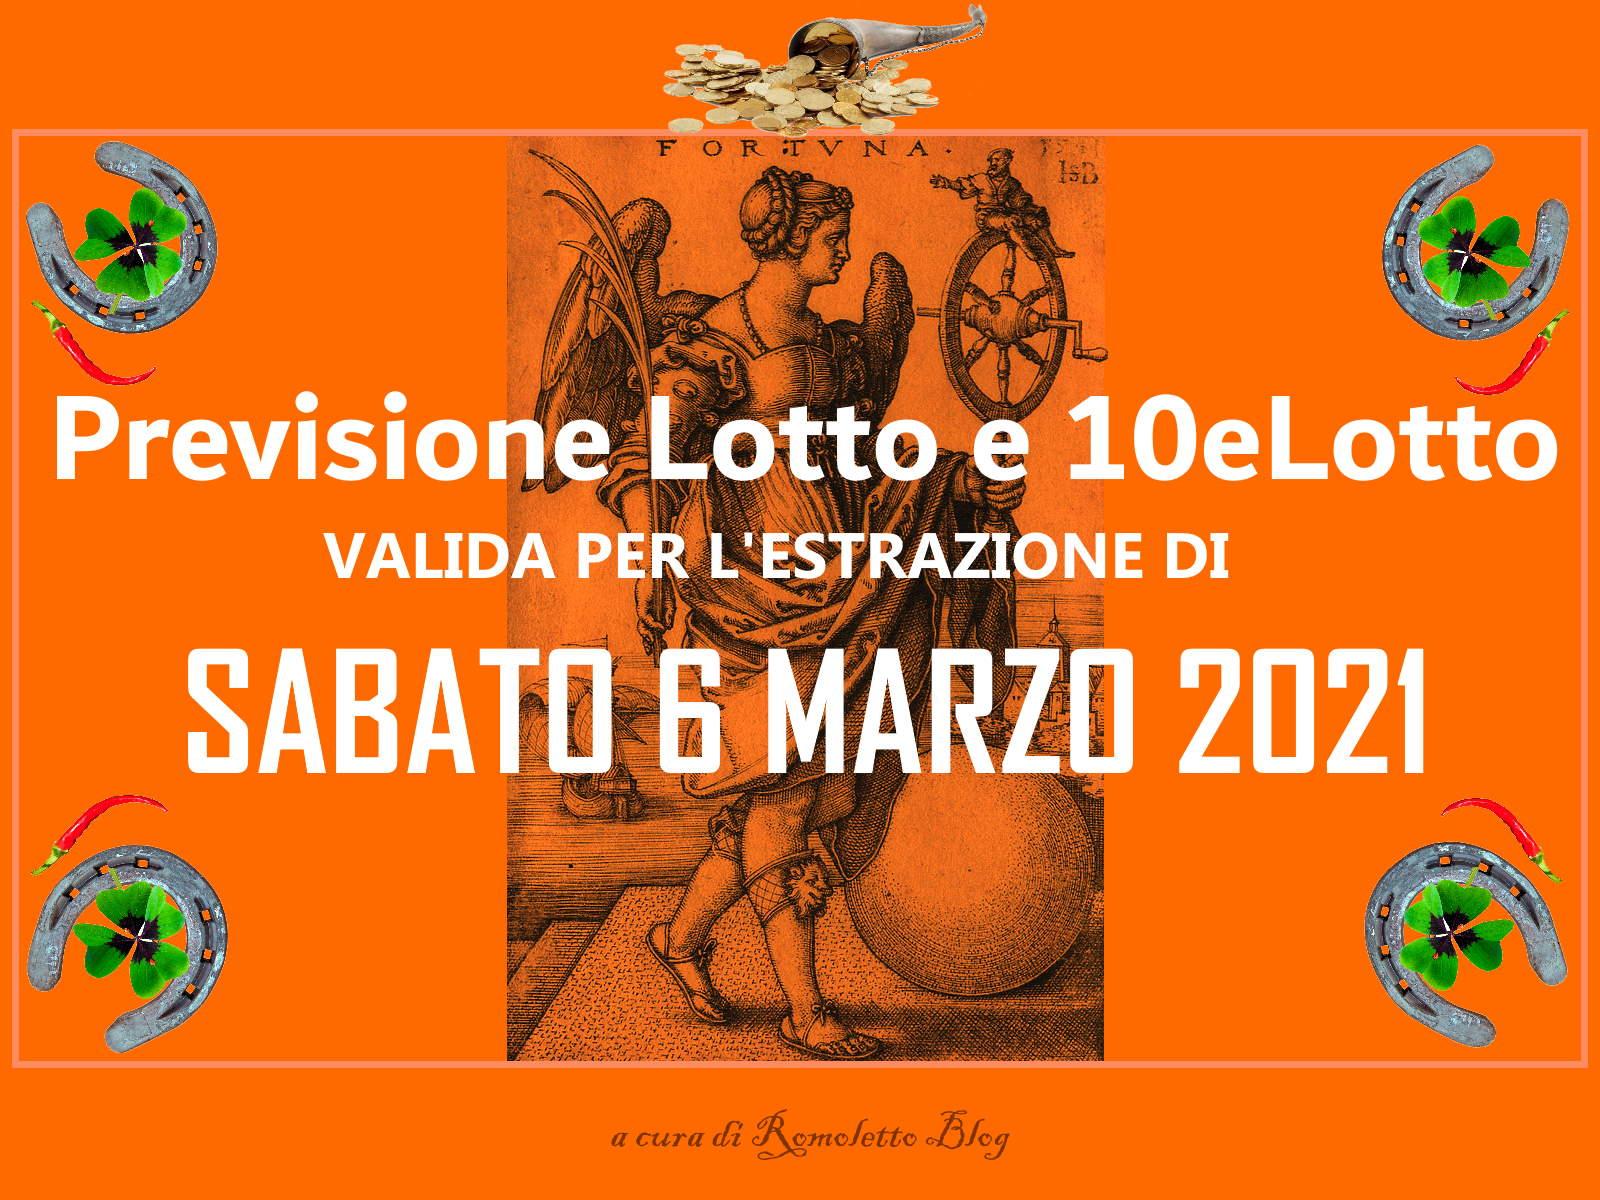 Previsione Lotto 6 Marzo 2021